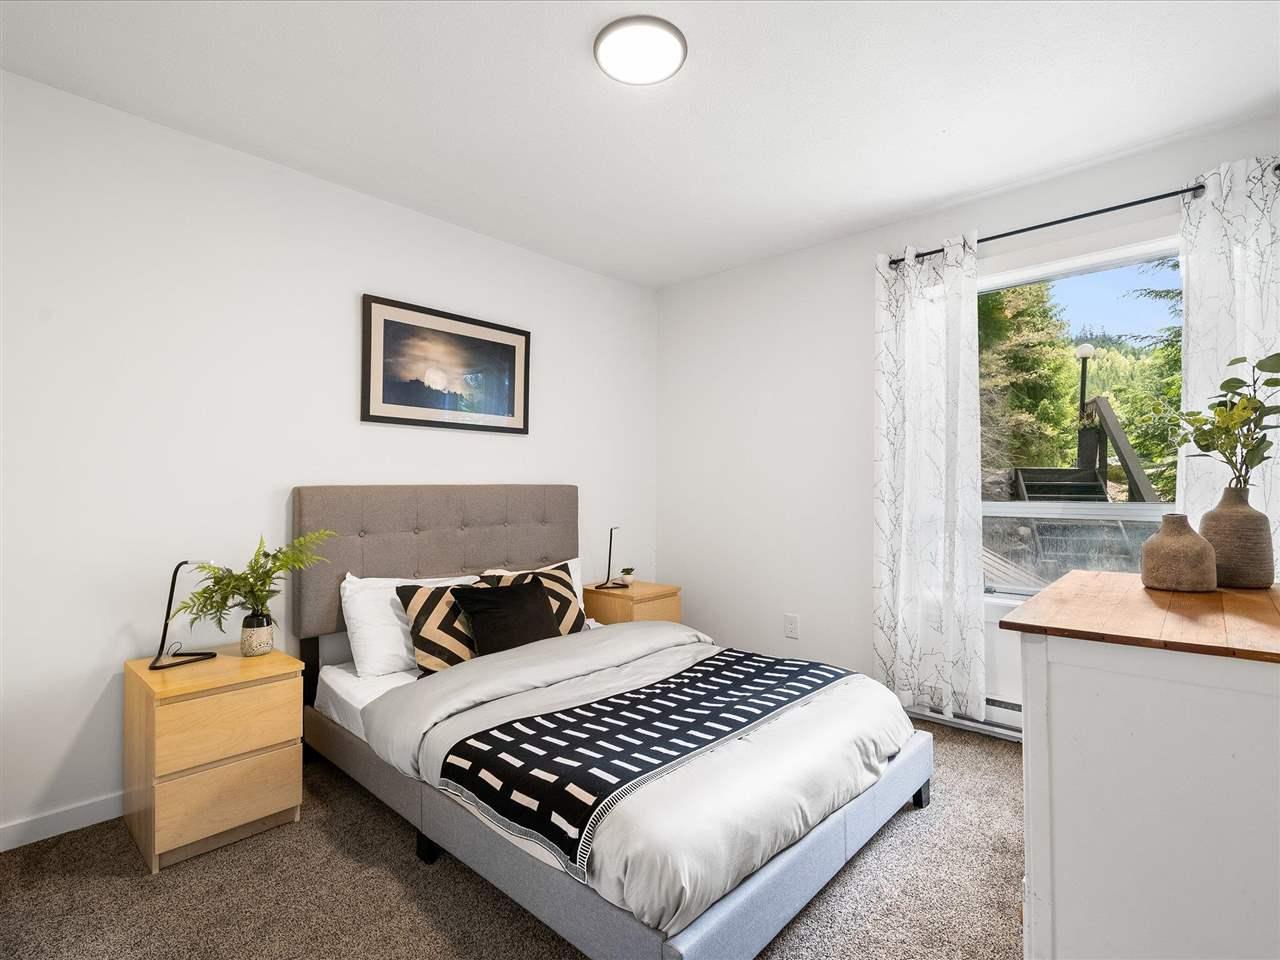 72 2222 BRANDYWINE WAY - Bayshores 1/2 Duplex for sale, 3 Bedrooms (R2591139) - #17